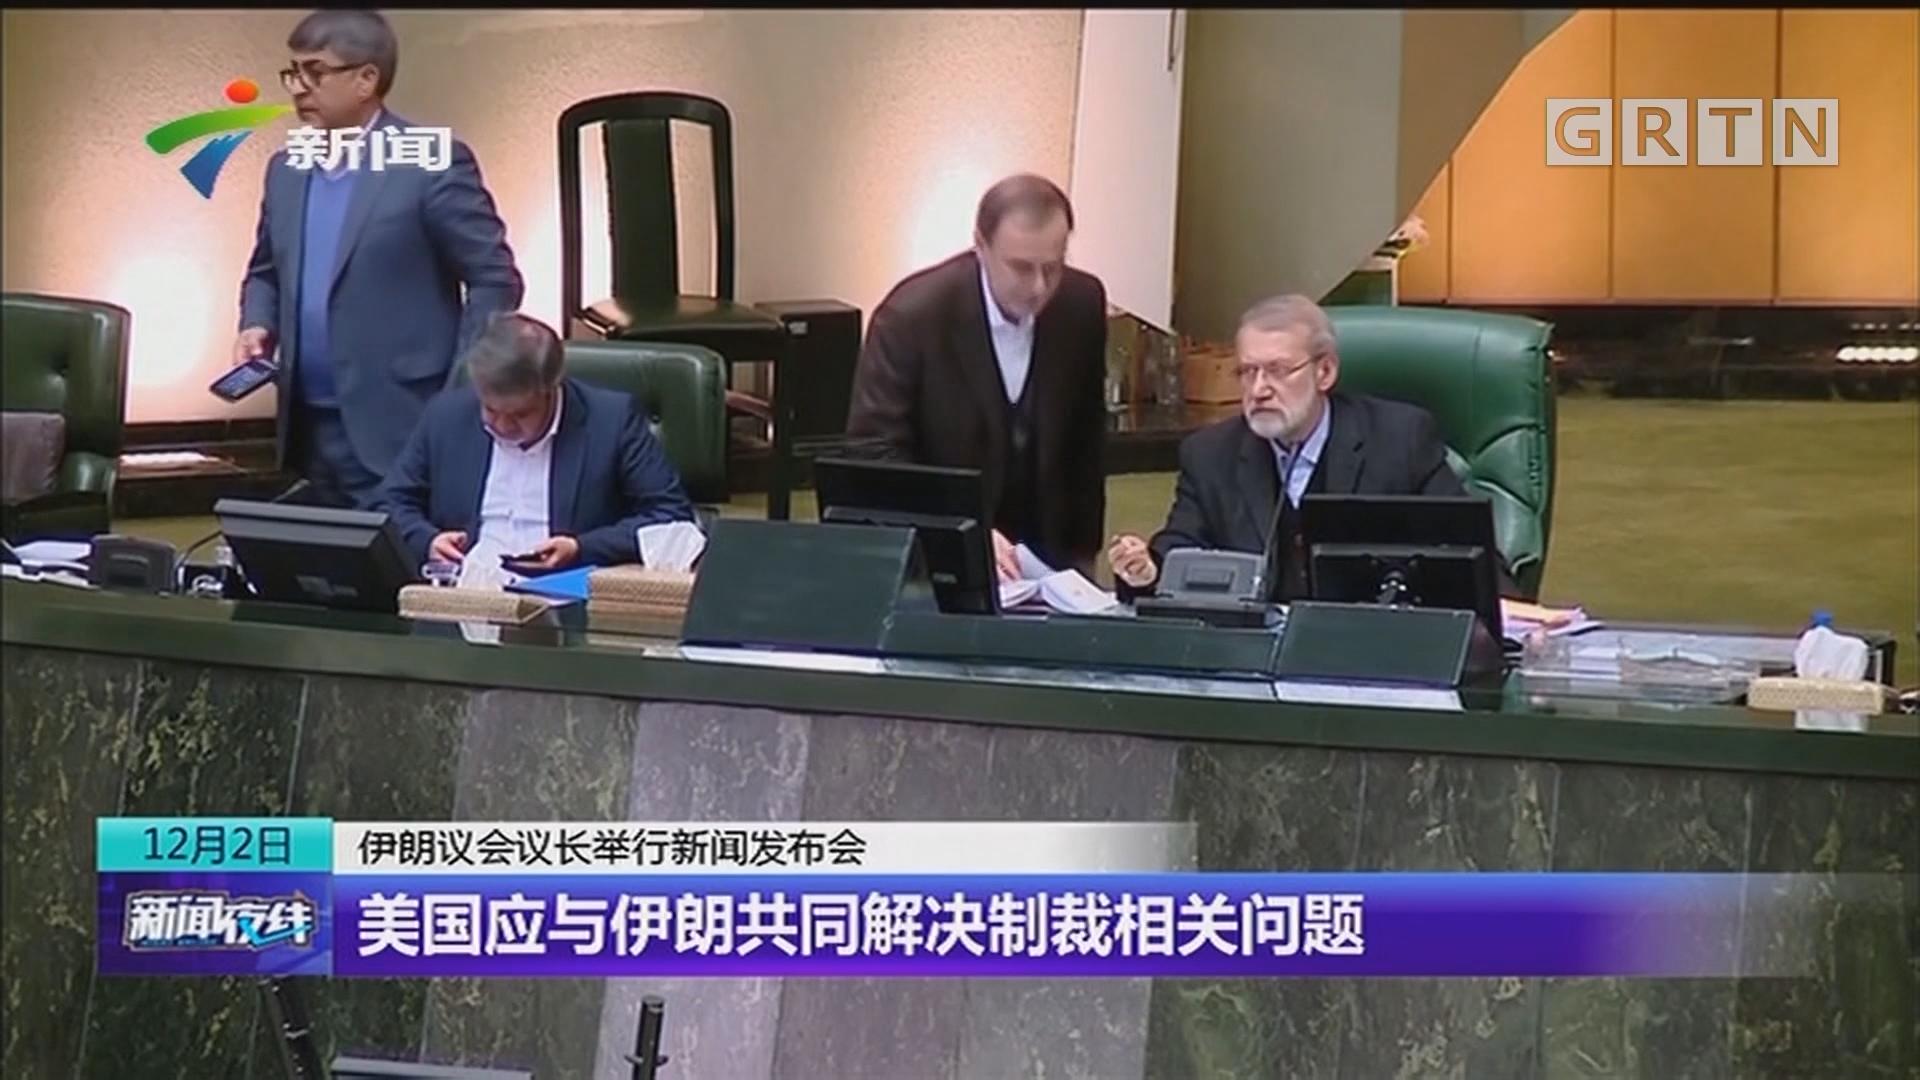 伊朗议会议长举行新闻发布会 美国应与伊朗共同解决制裁相关问题